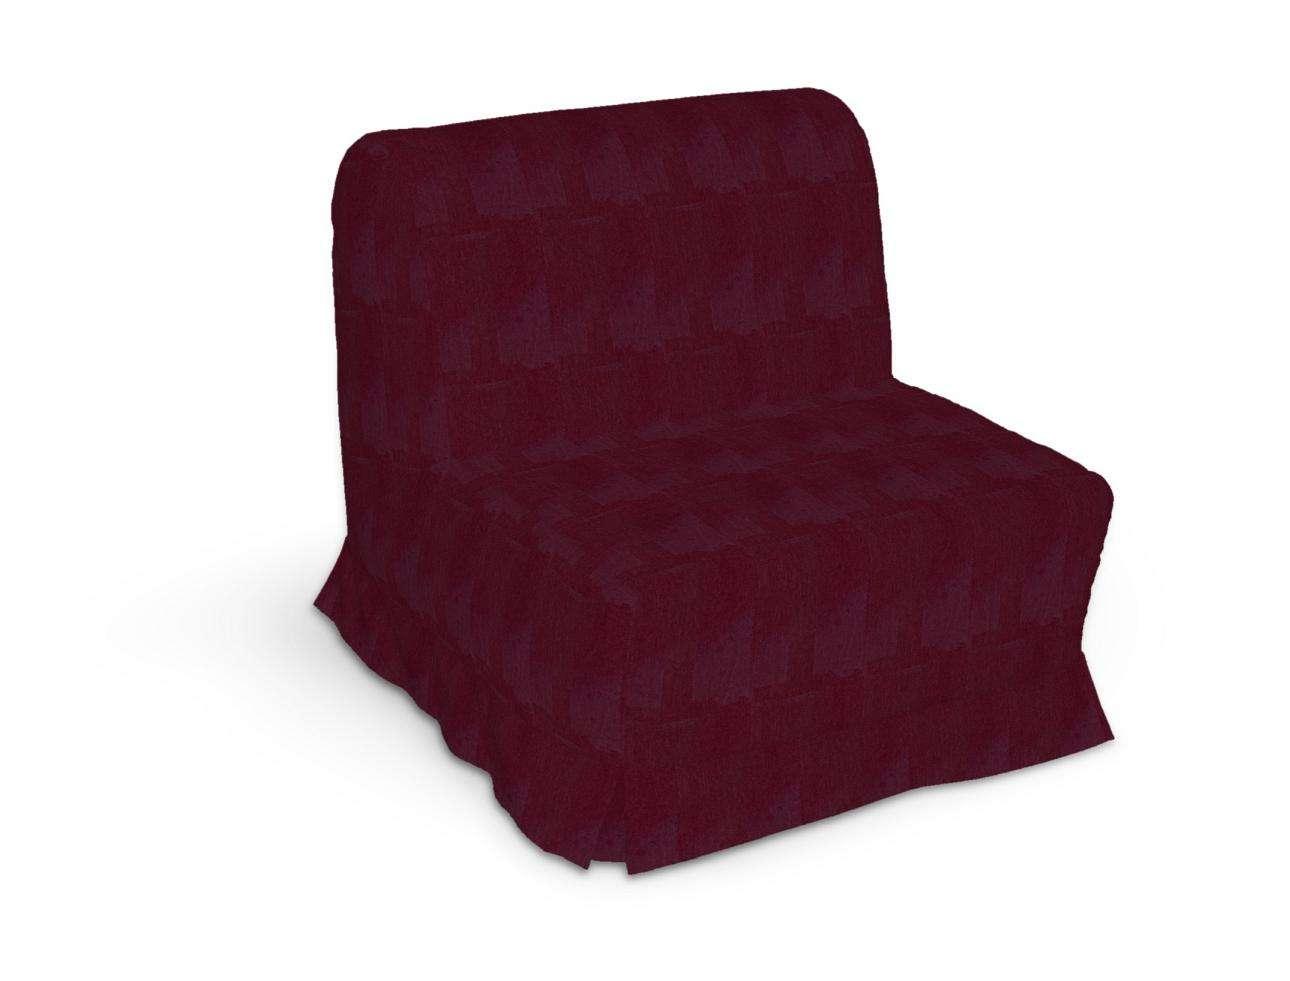 Pokrowiec na fotel Lycksele z kontrafałdami sofa Lycksele 1os. w kolekcji Chenille, tkanina: 702-19